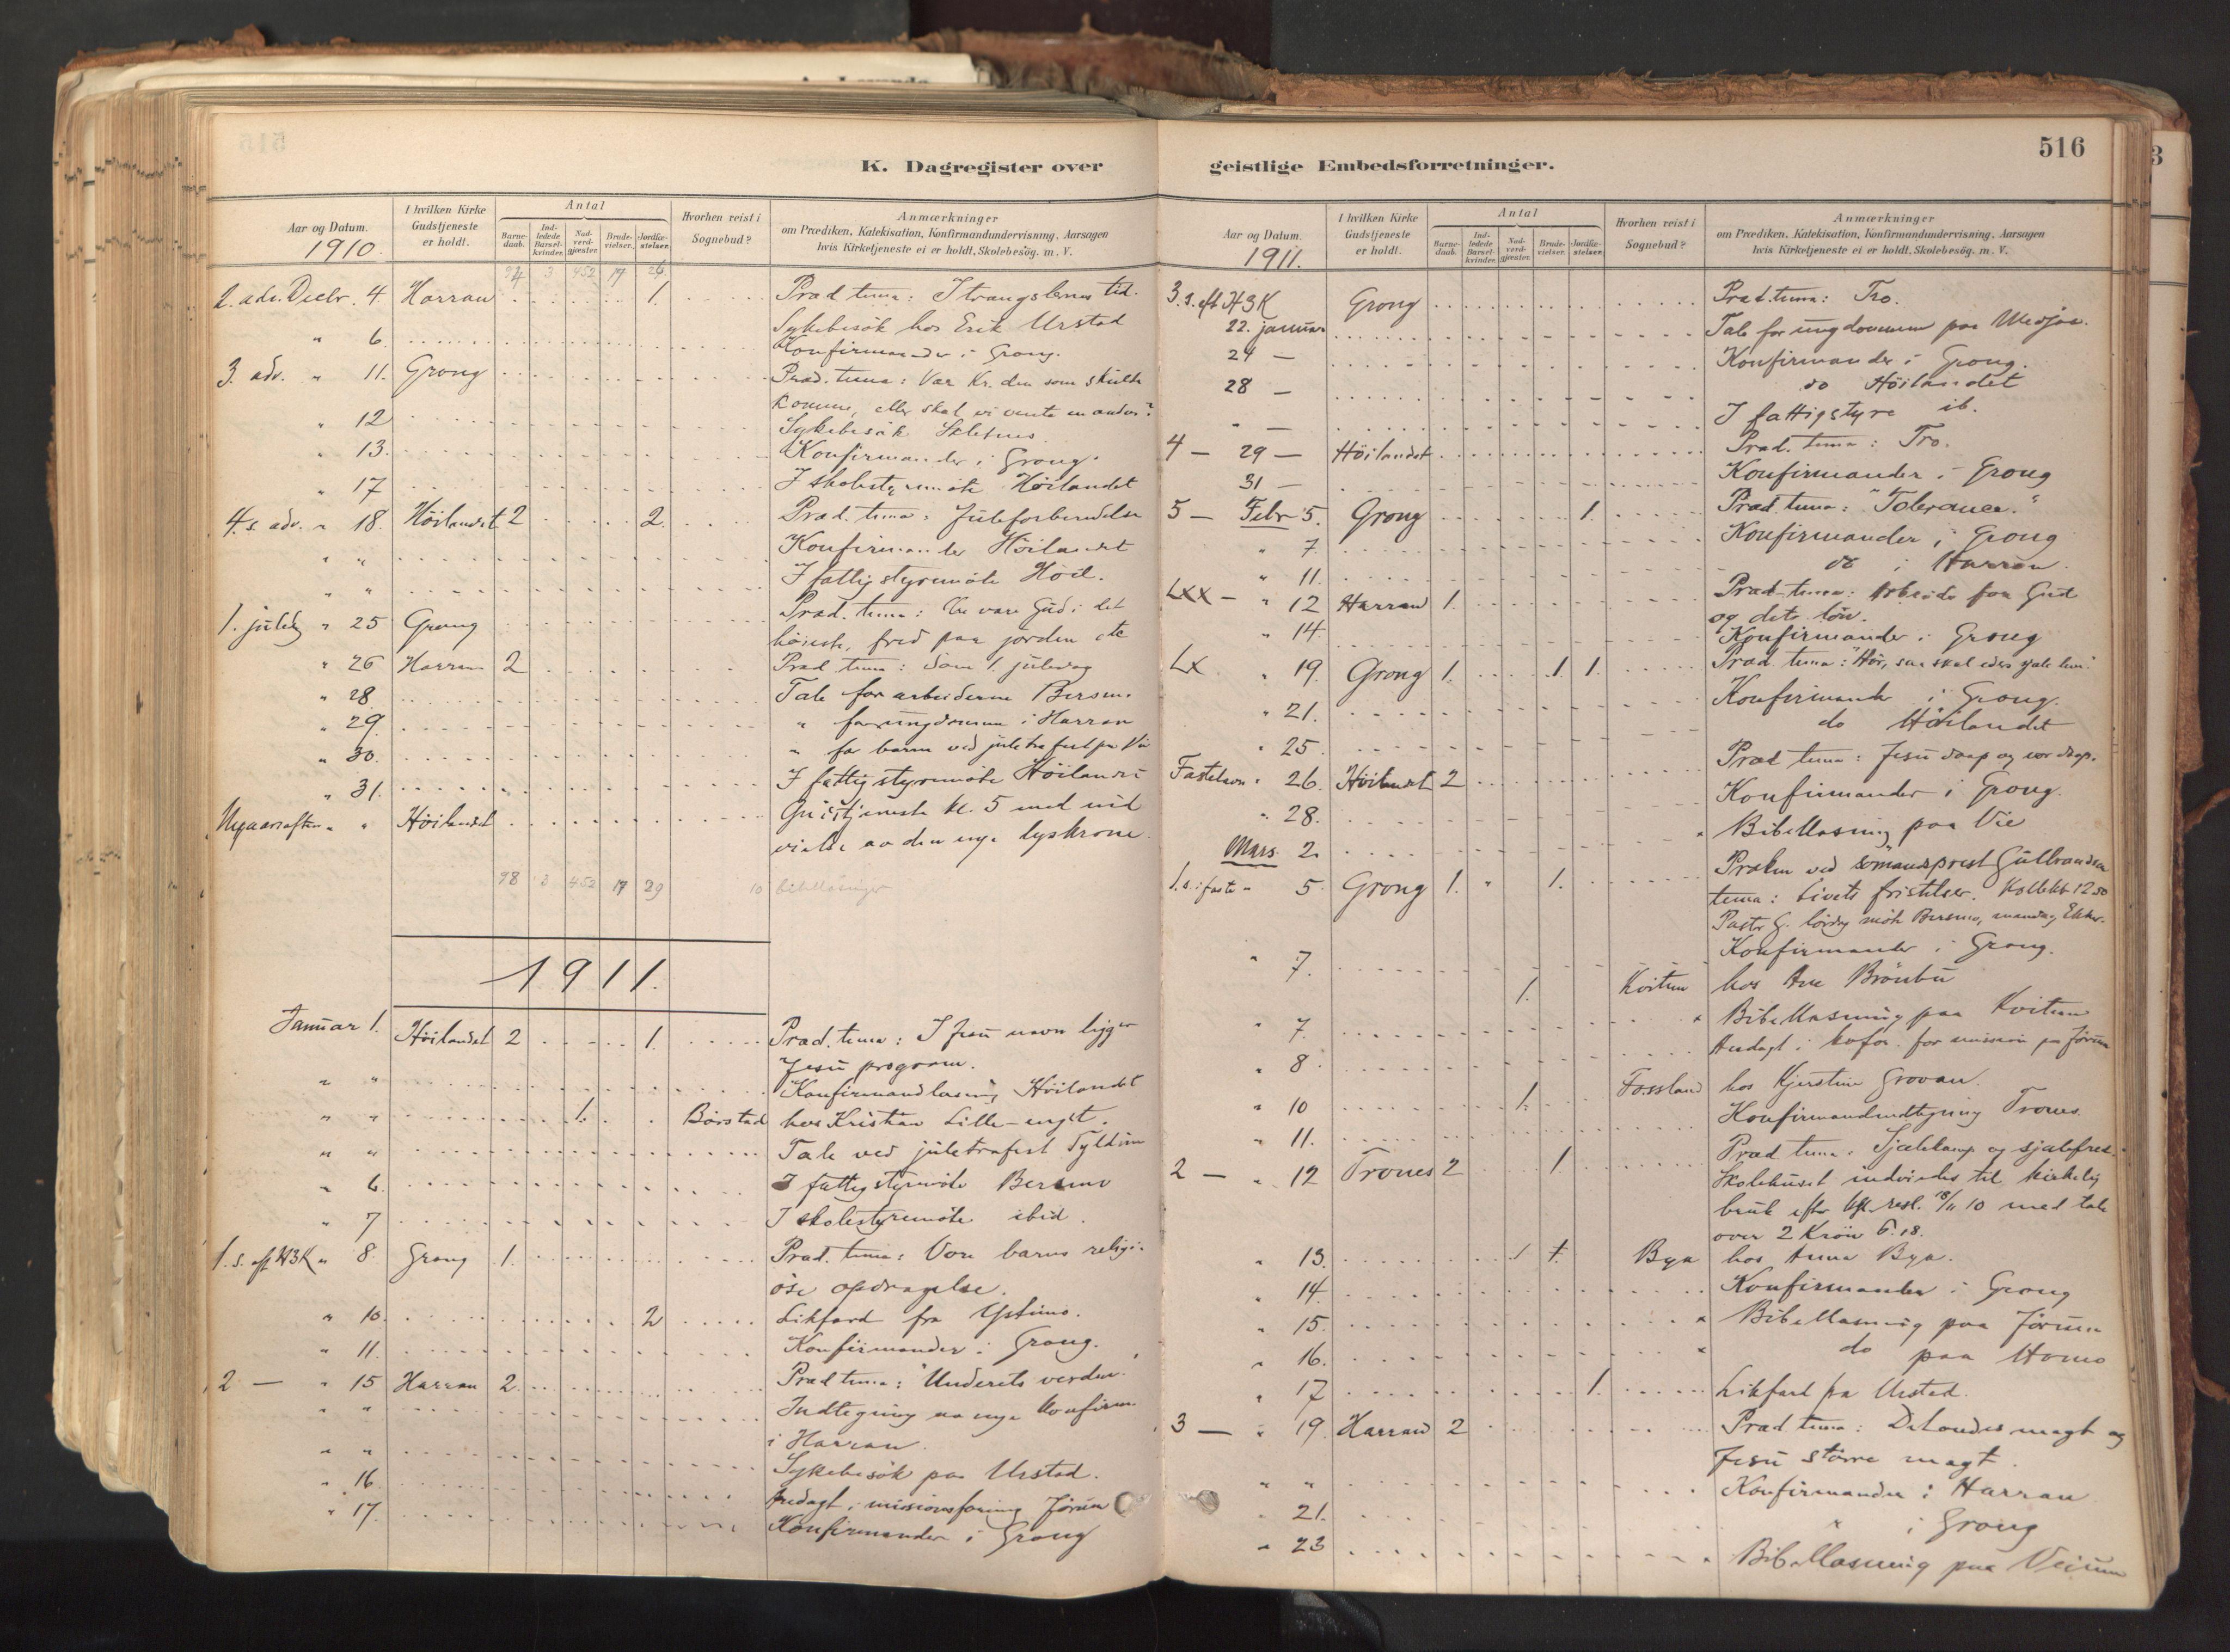 SAT, Ministerialprotokoller, klokkerbøker og fødselsregistre - Nord-Trøndelag, 758/L0519: Ministerialbok nr. 758A04, 1880-1926, s. 516